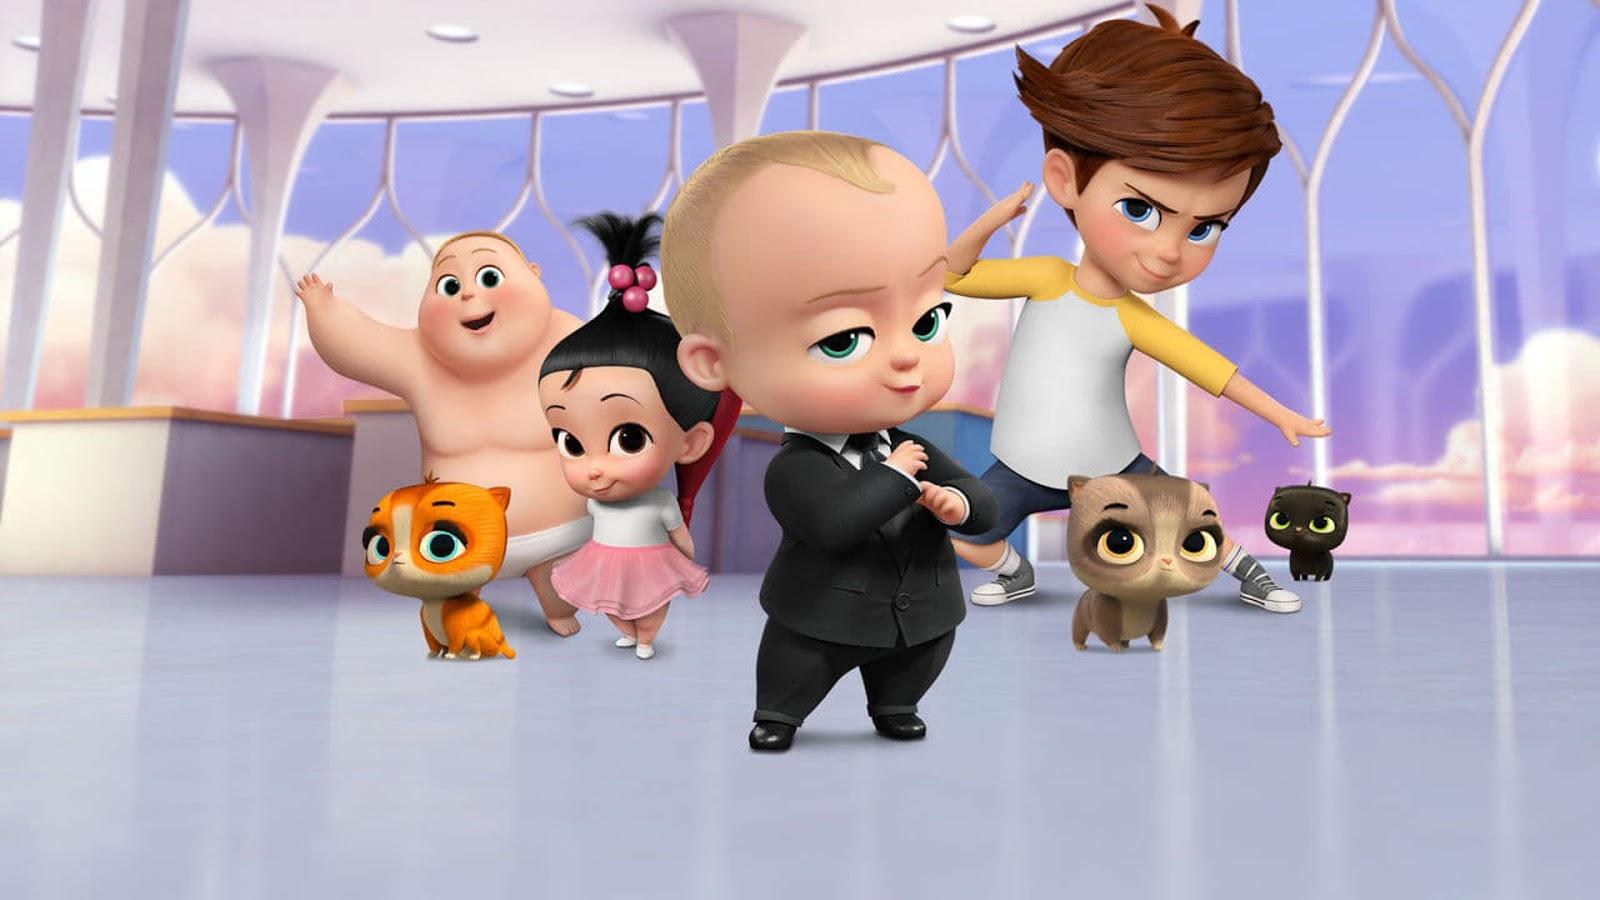 جميع حلقات انيميشن The Boss Baby الموسم الثانى بلوراي BluRay مترجم أونلاين كامل تحميل و مشاهدة